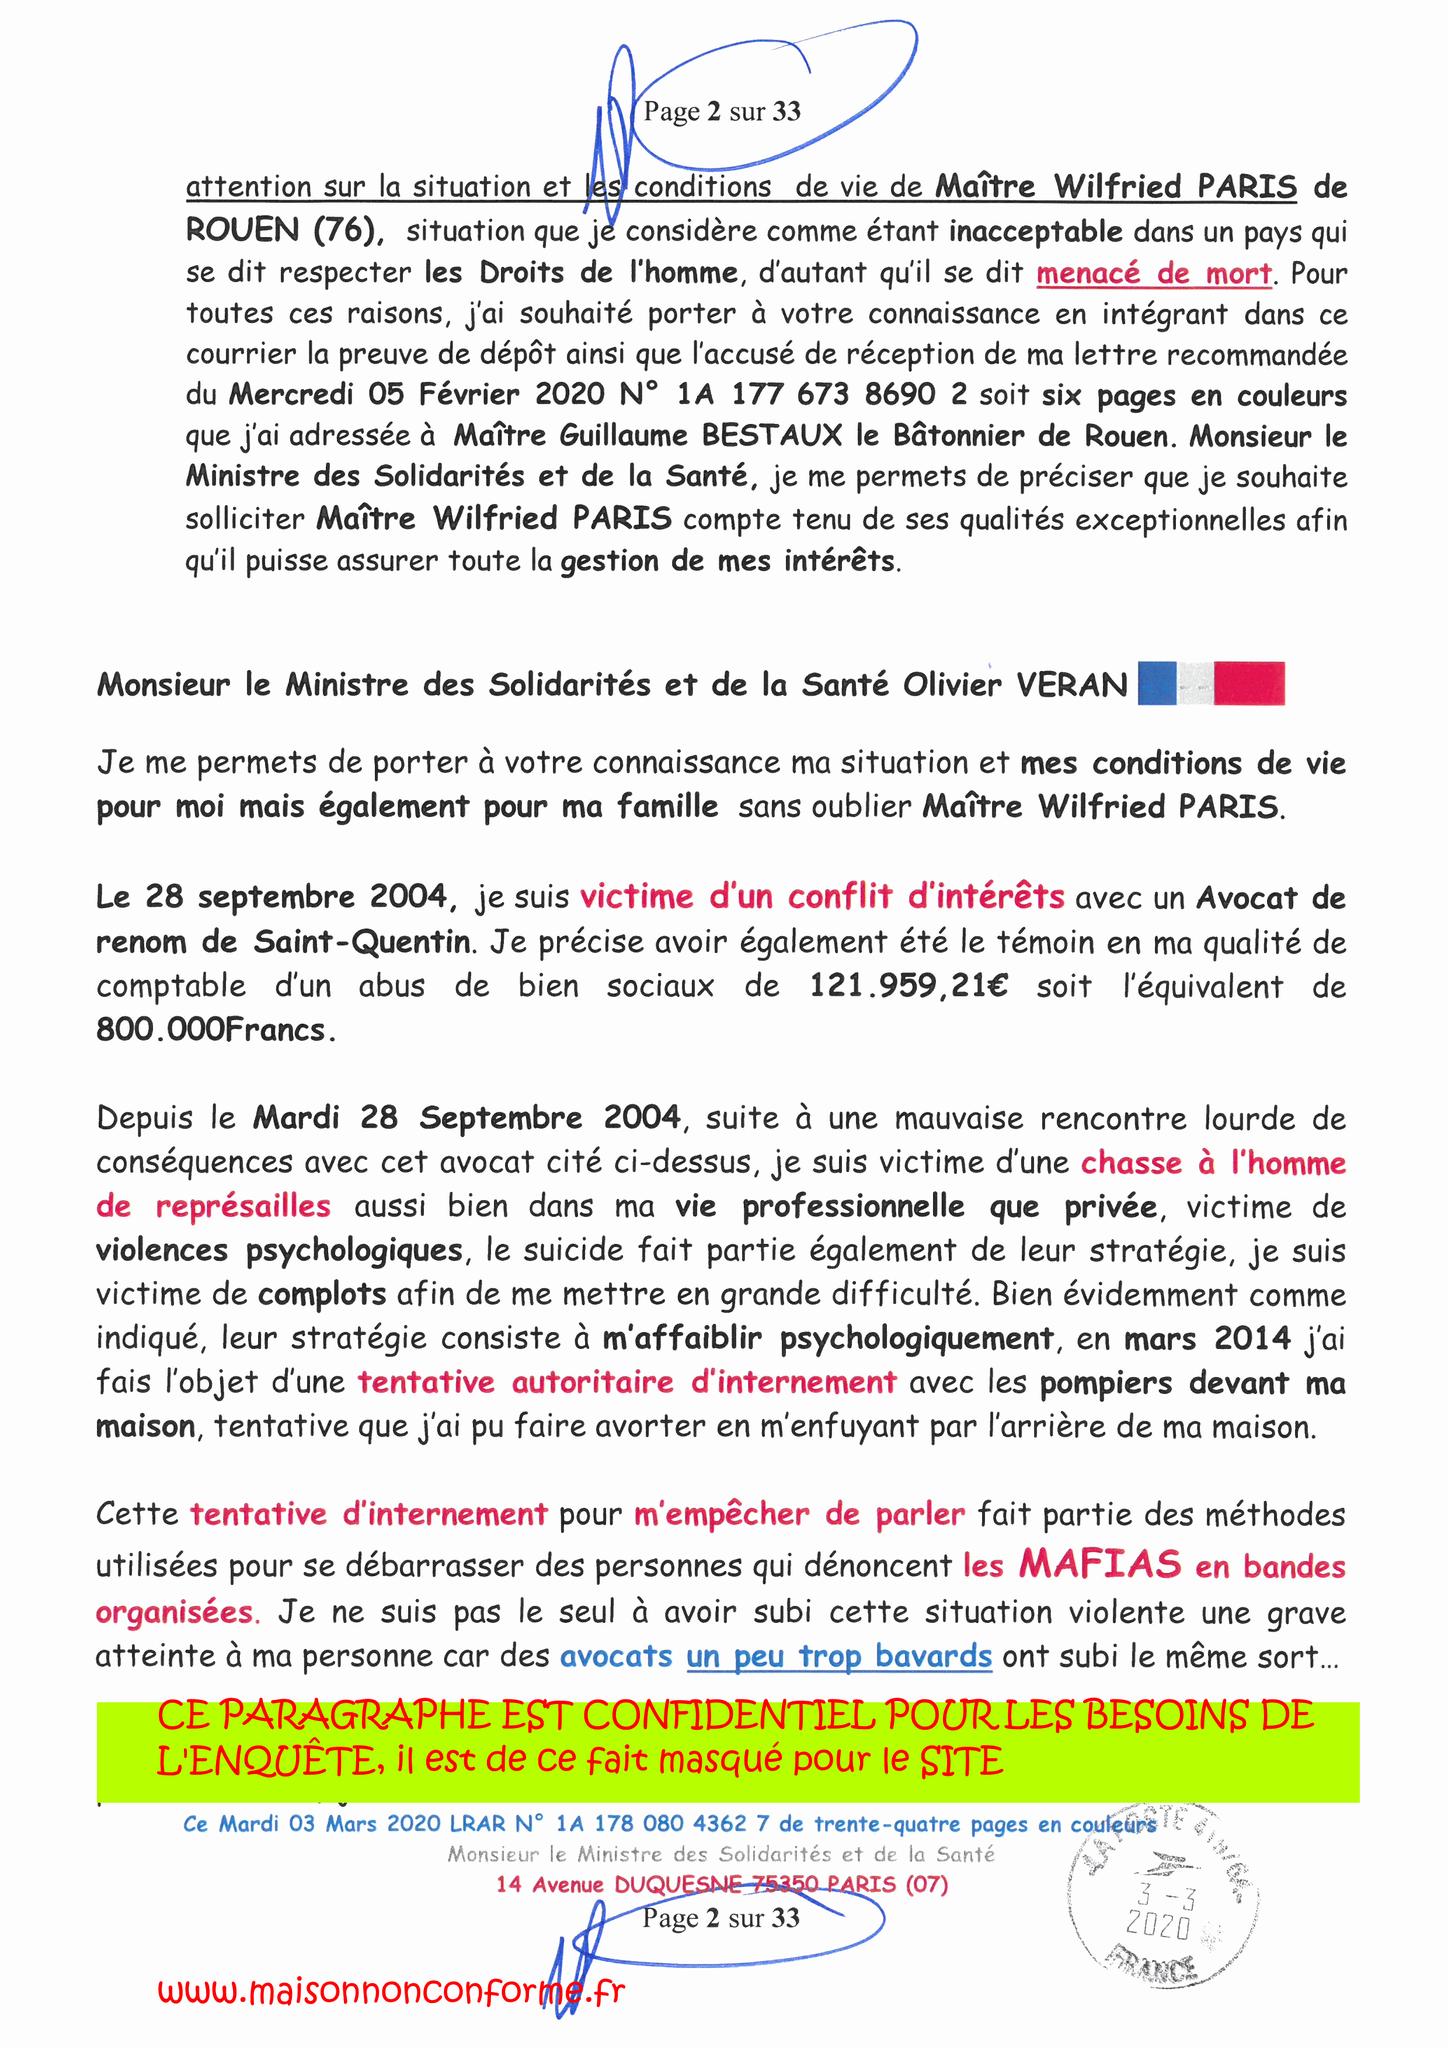 Page 2 sur 33 Ma lettre recommandée N0 1A 178 080 4362 7 du 03 Mars 2020 à Monsieur Olivier VERAN le Ministre de la Santé et des Solidarités www.jesuispatrick.fr www.jesuisvictime.fr www.alerte-rouge-france.fr